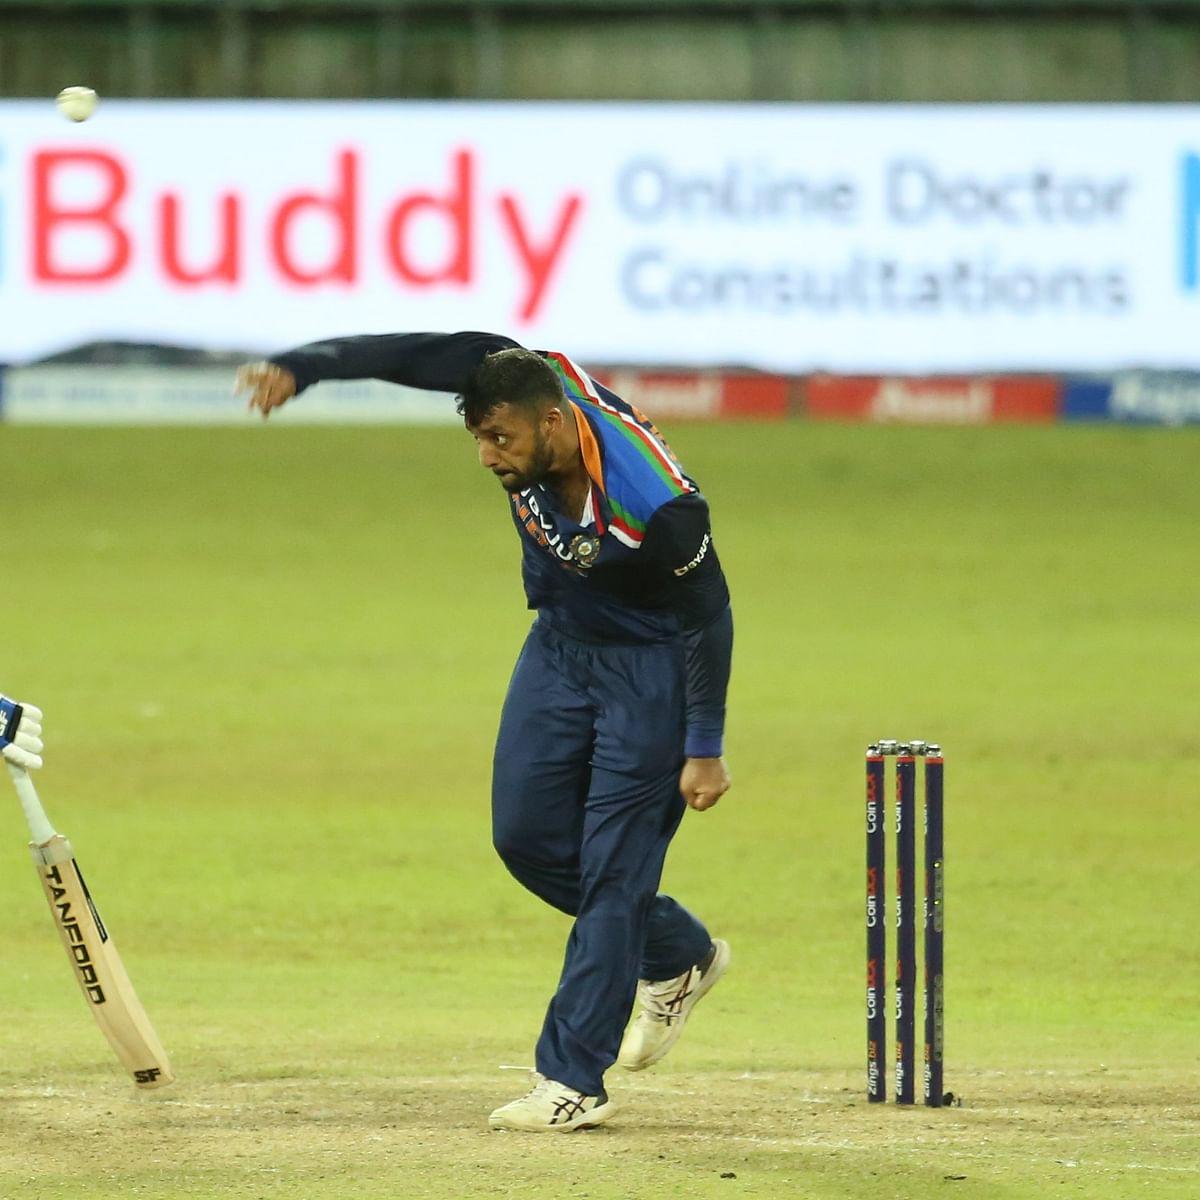 SL v IND